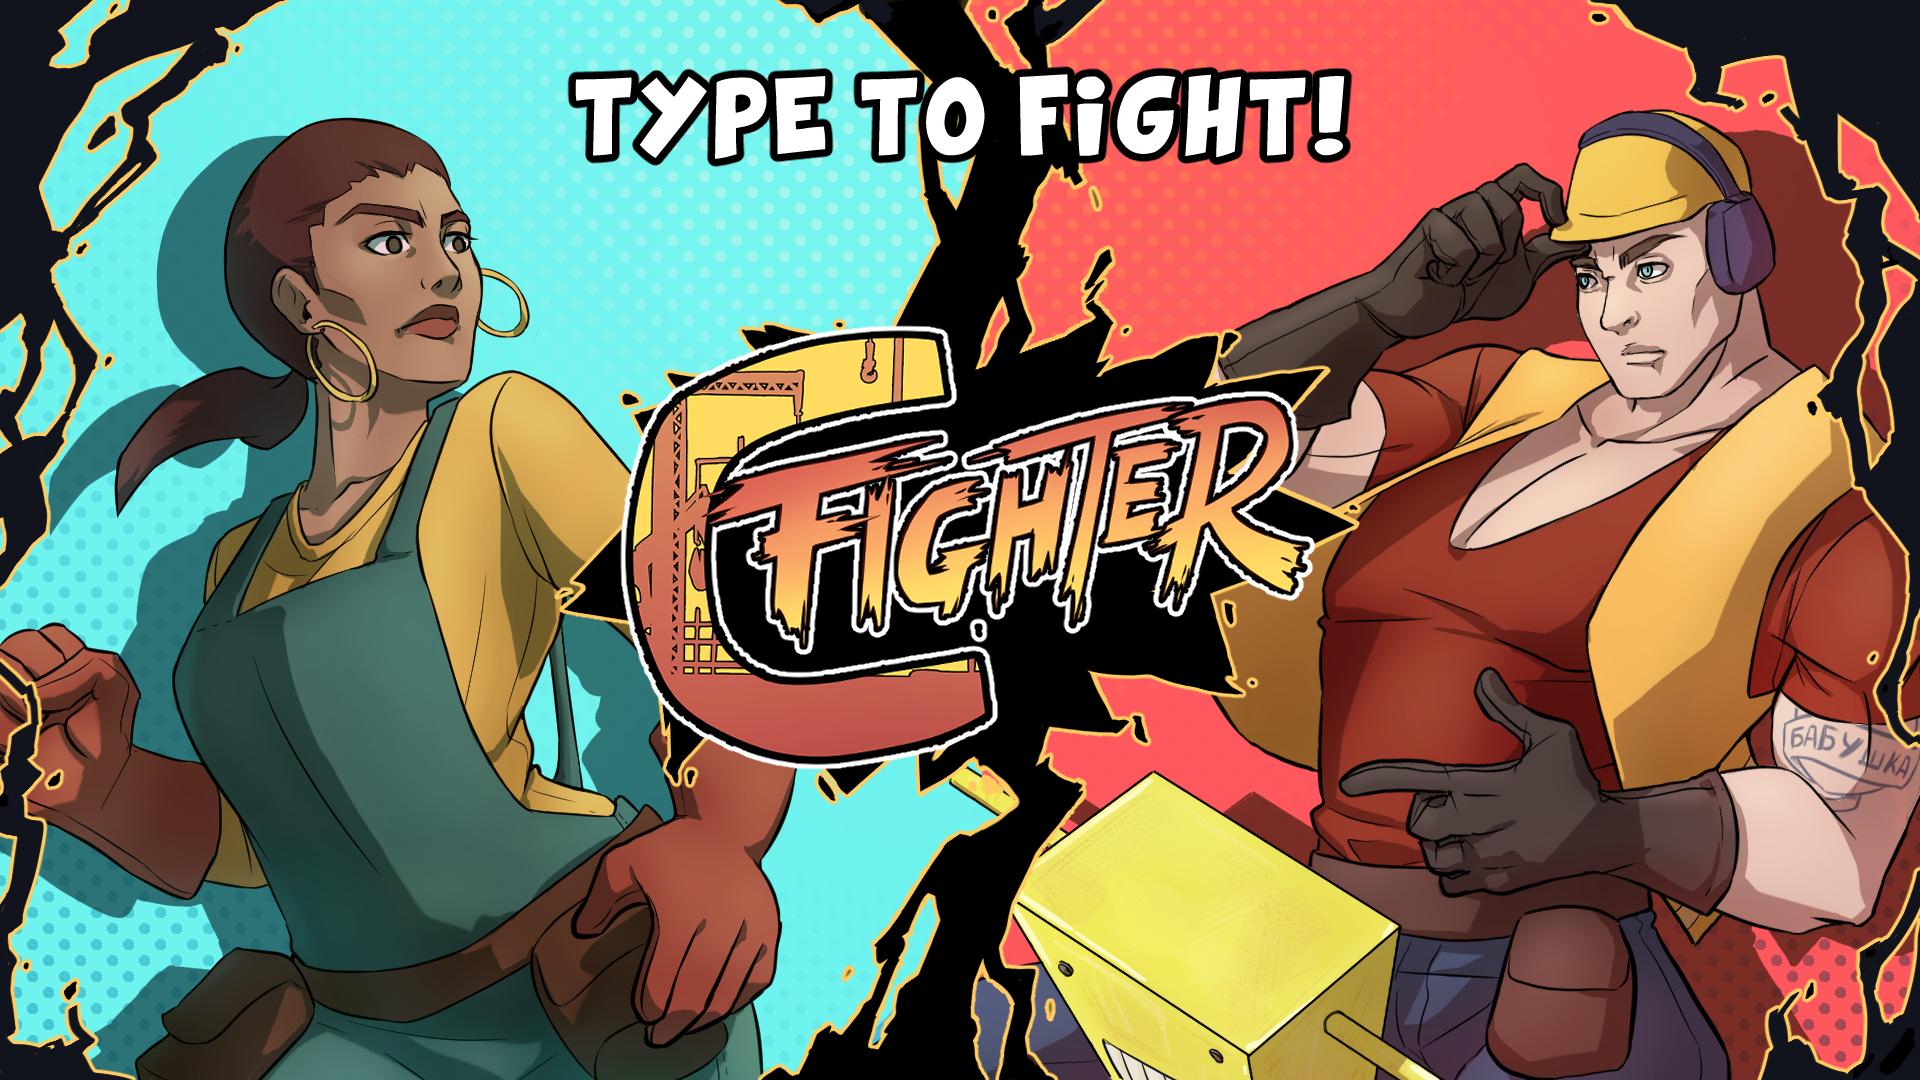 CFighter